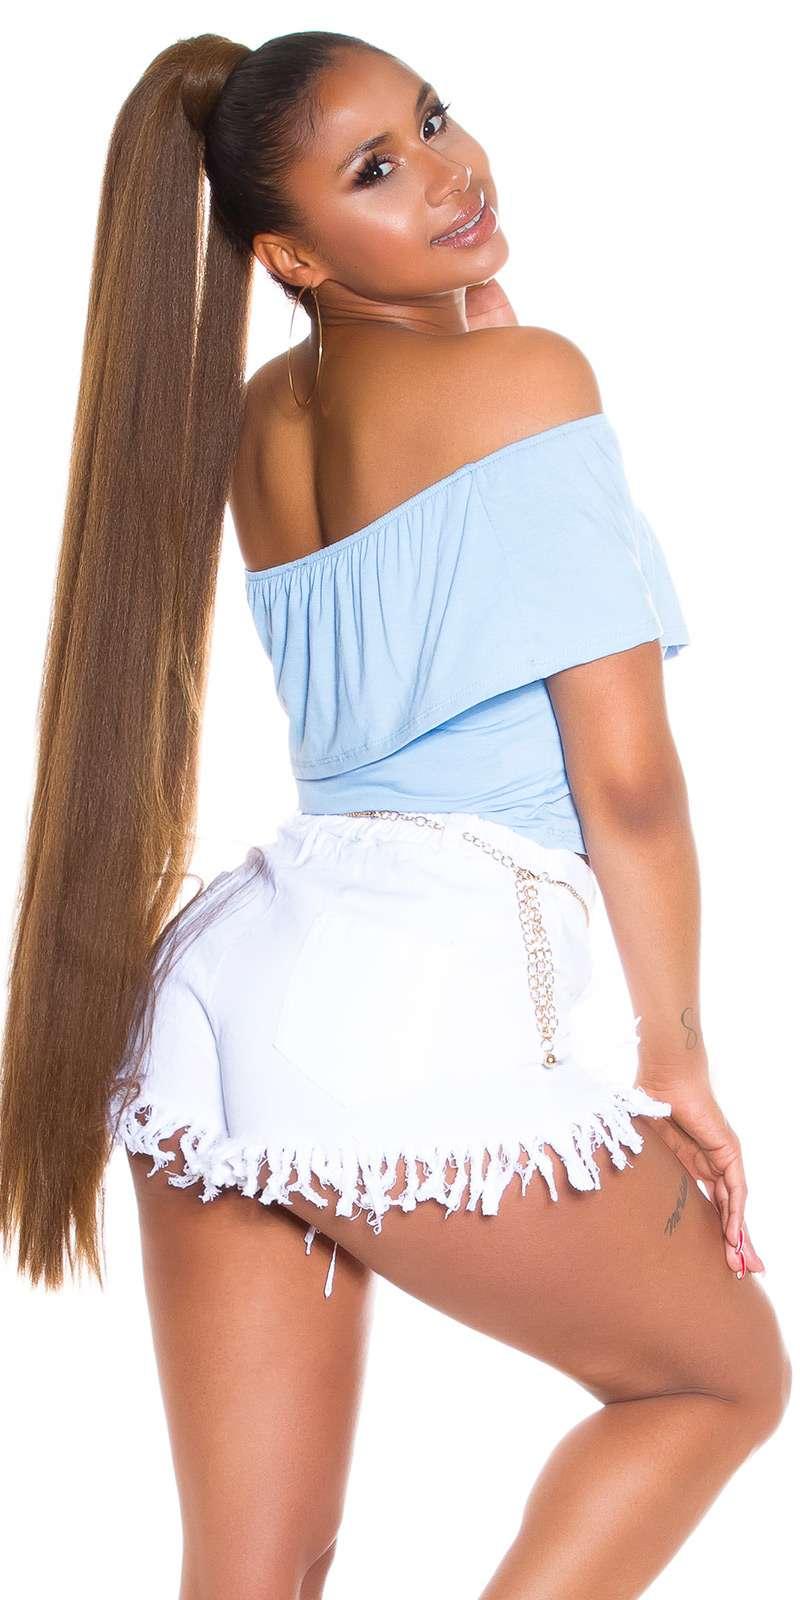 Latina Top